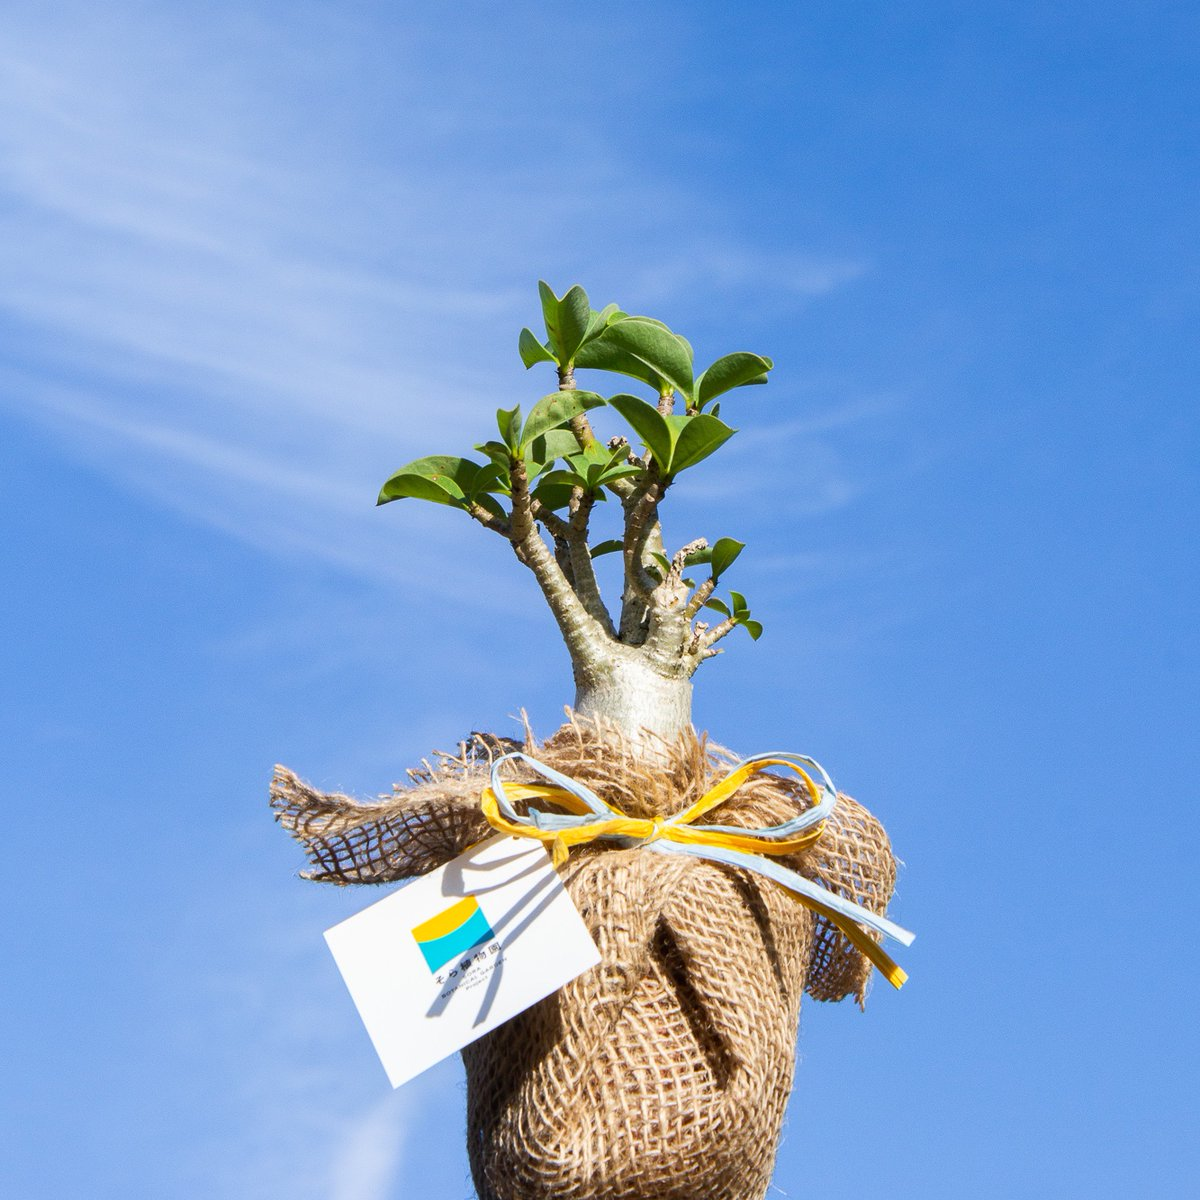 test ツイッターメディア - #プラントハンター #西畠清順 が代表を務める #そら植物園 のオフィシャルクラブ #そら広場  https://t.co/Abz7dishAV  クラブメンバー(有料会員)になると、毎年、西畠清順が選んだ #植物 が届きます。 無料で登録できるメルマガのメンバーも募集中!会員だけが参加できるイベントなど企画しています🌵 https://t.co/1q7rCMMpeg